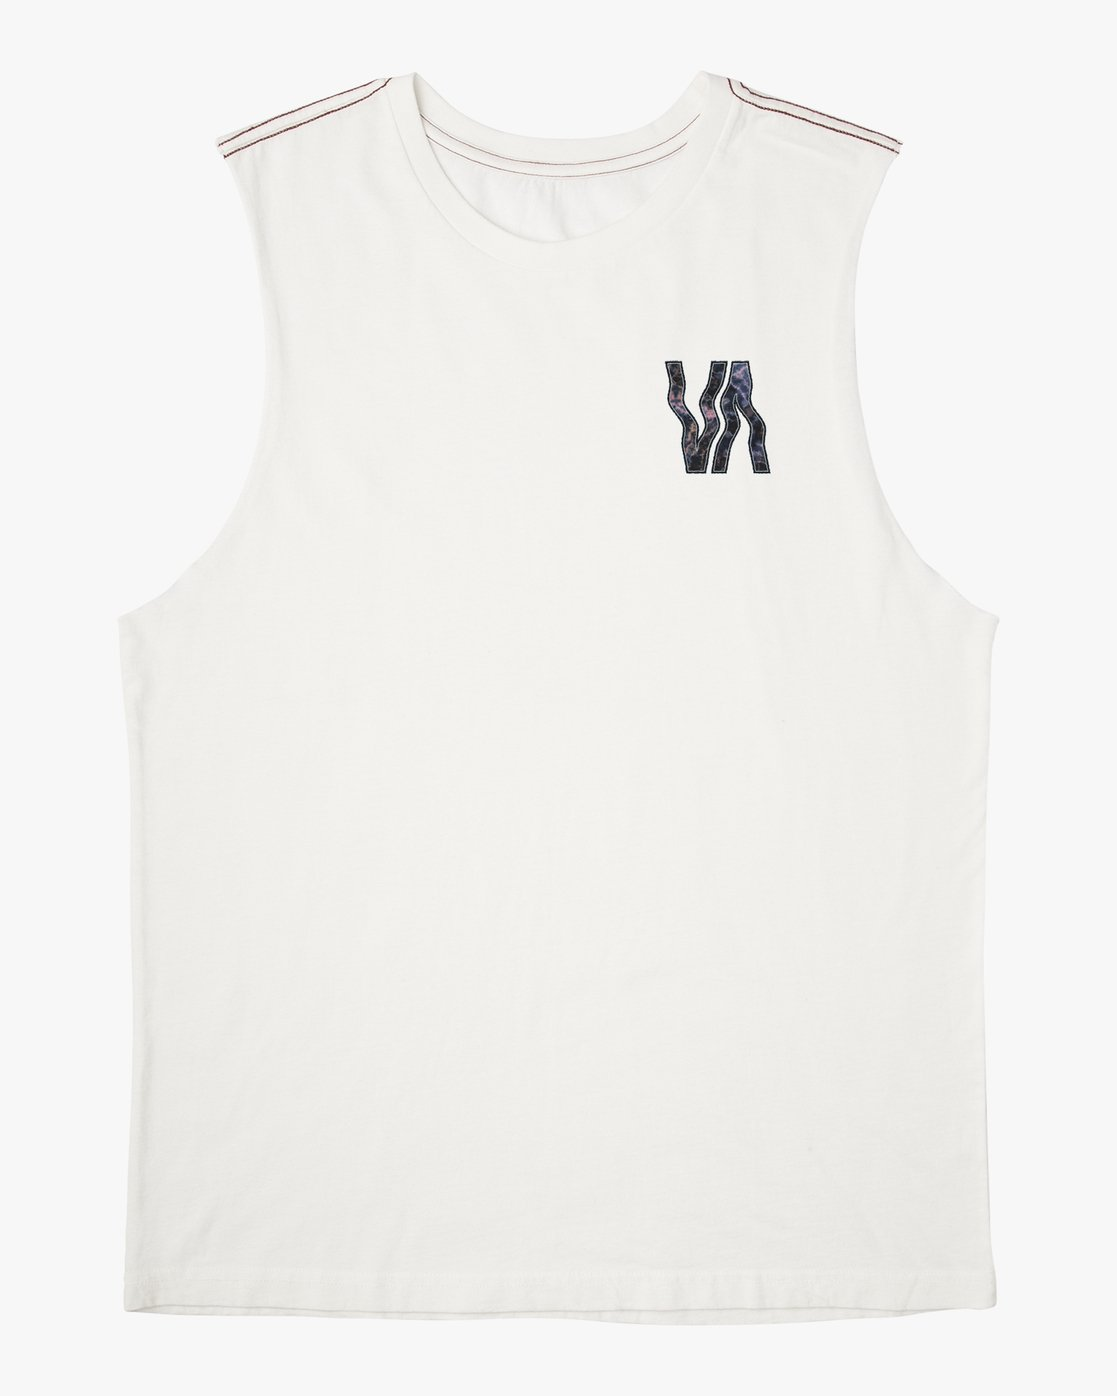 0 VAPOR TANK White M4963RVA RVCA